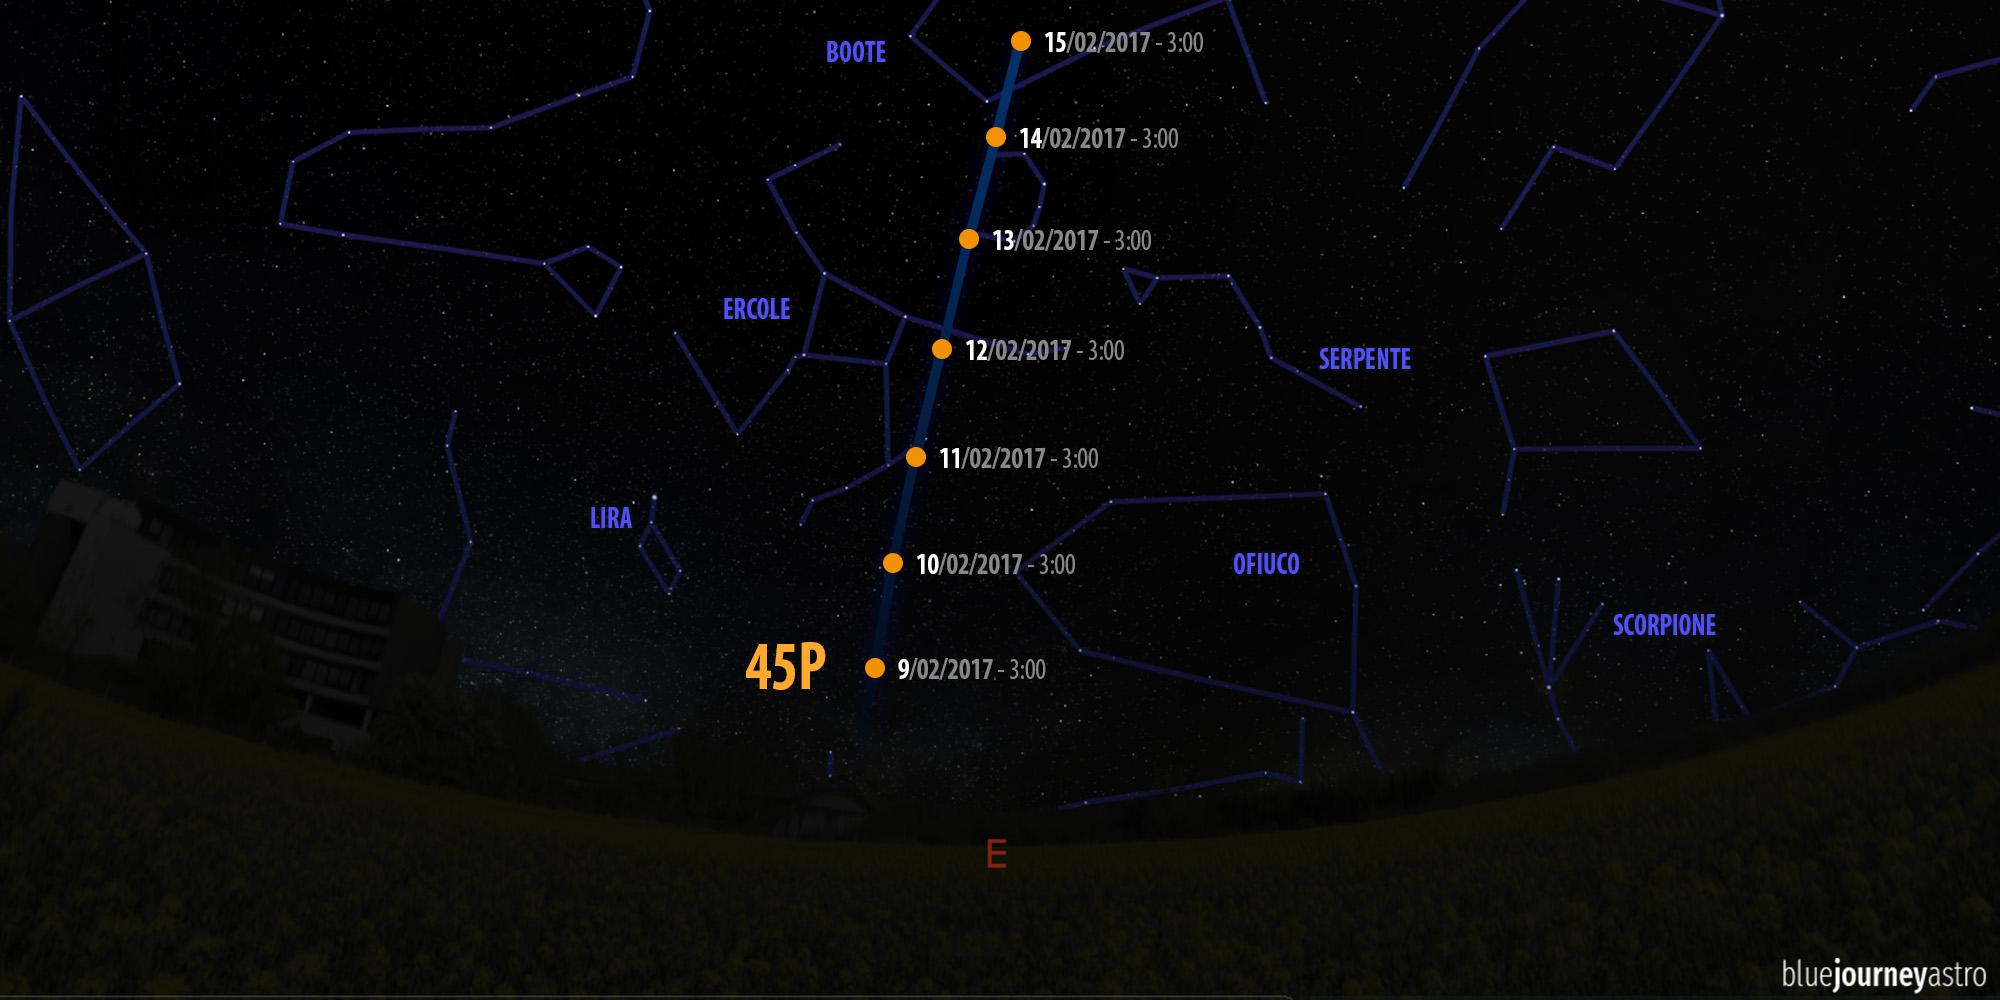 45p comet coordinates ephemeris